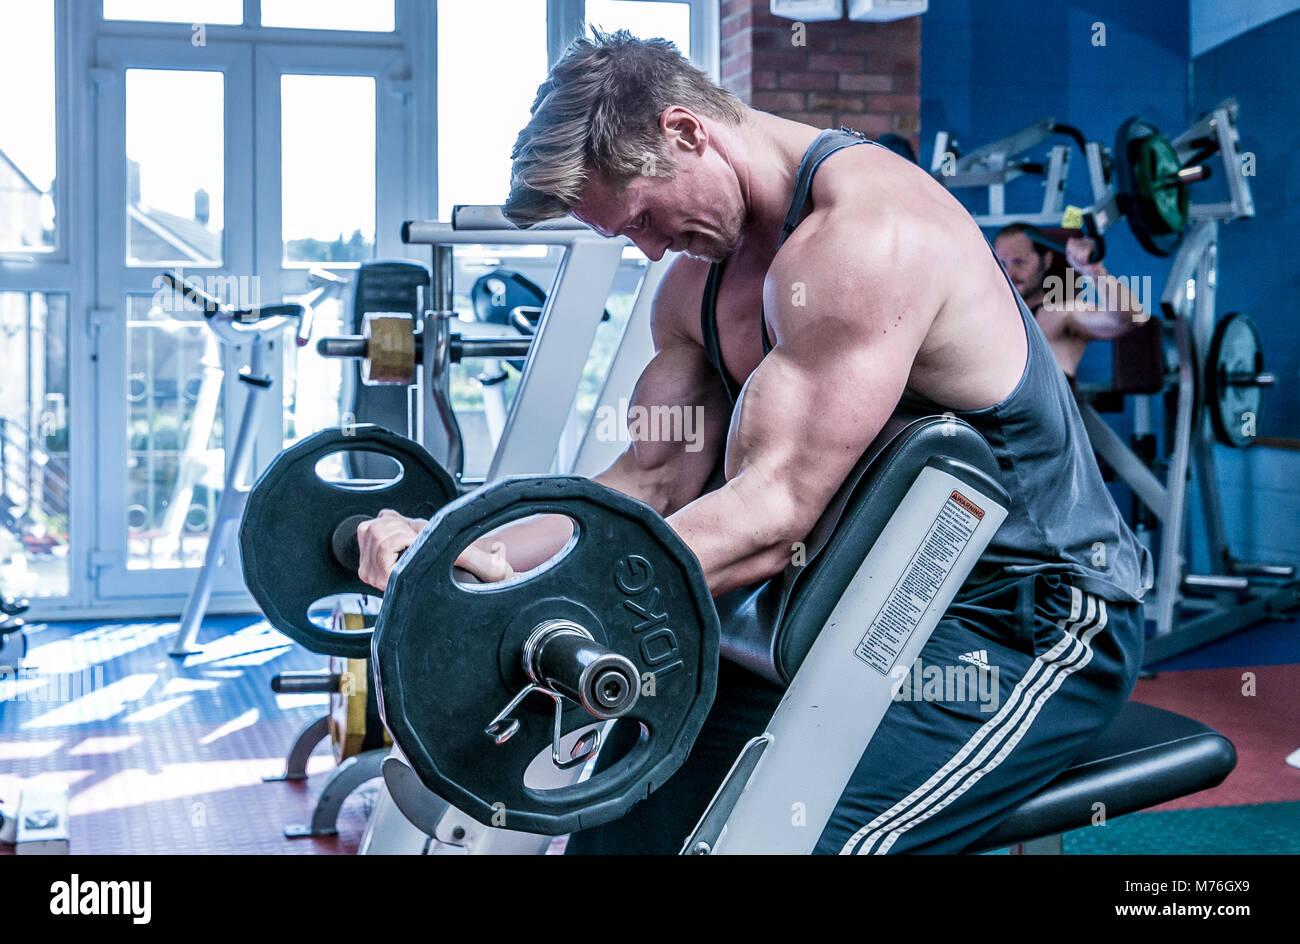 Homme travaillant sur musculaire avec des poids dans la salle de sport Photo Stock